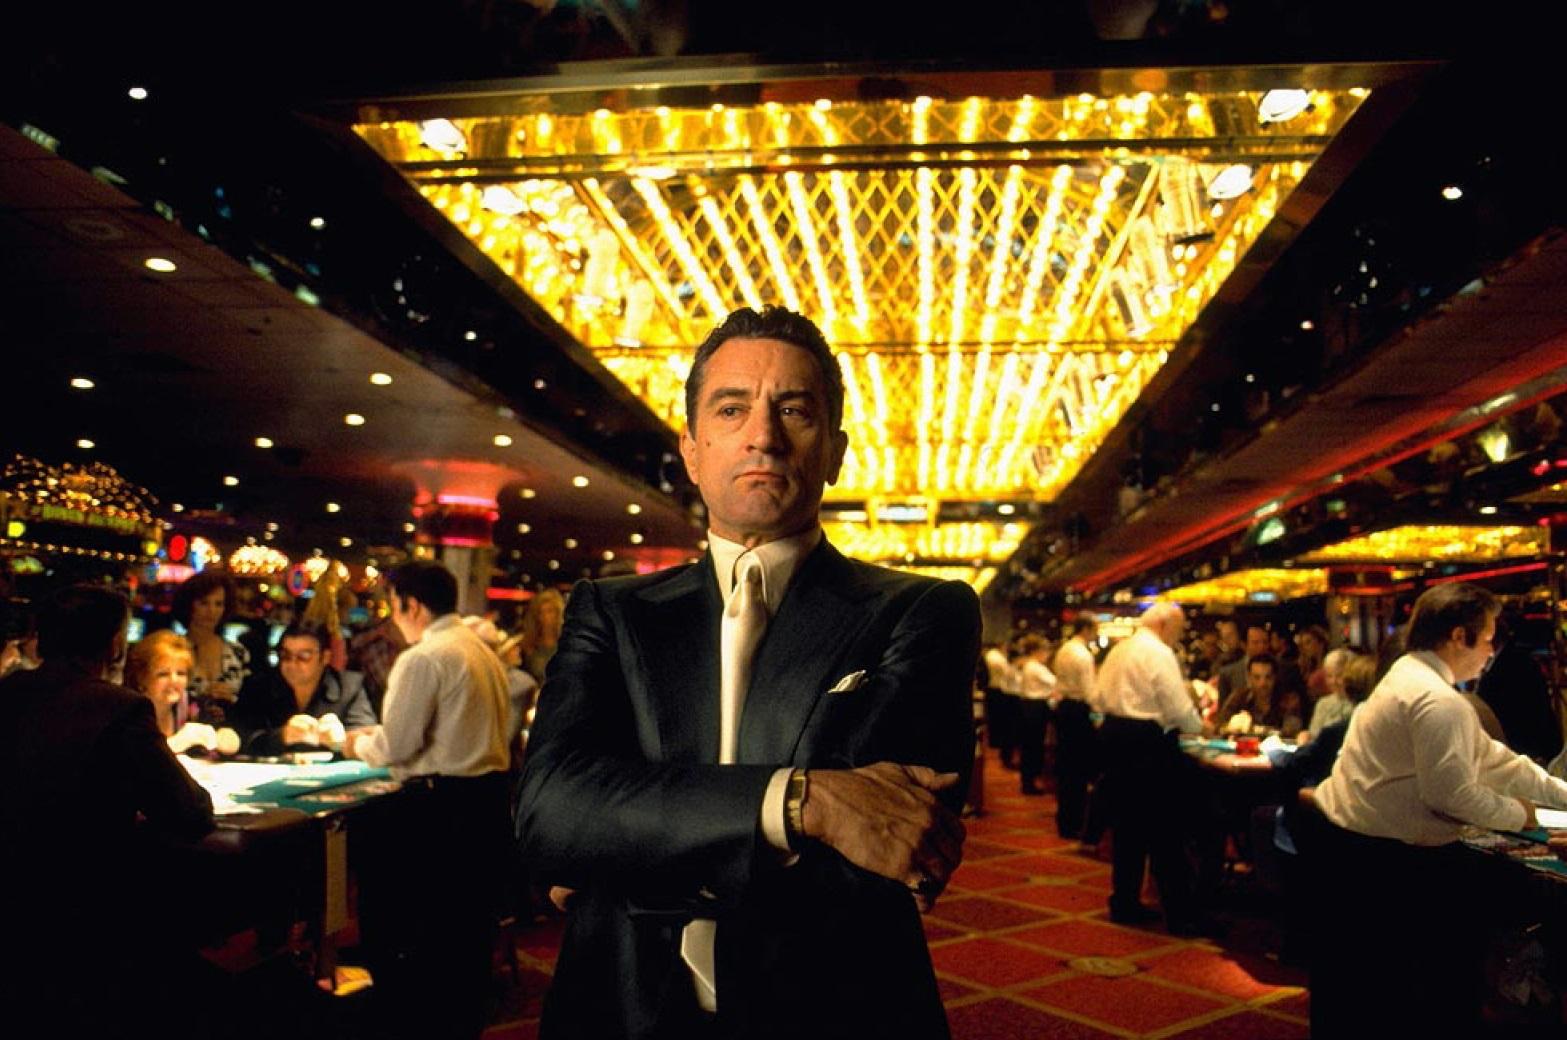 Il drogante e circolare Casinò di Scorsese